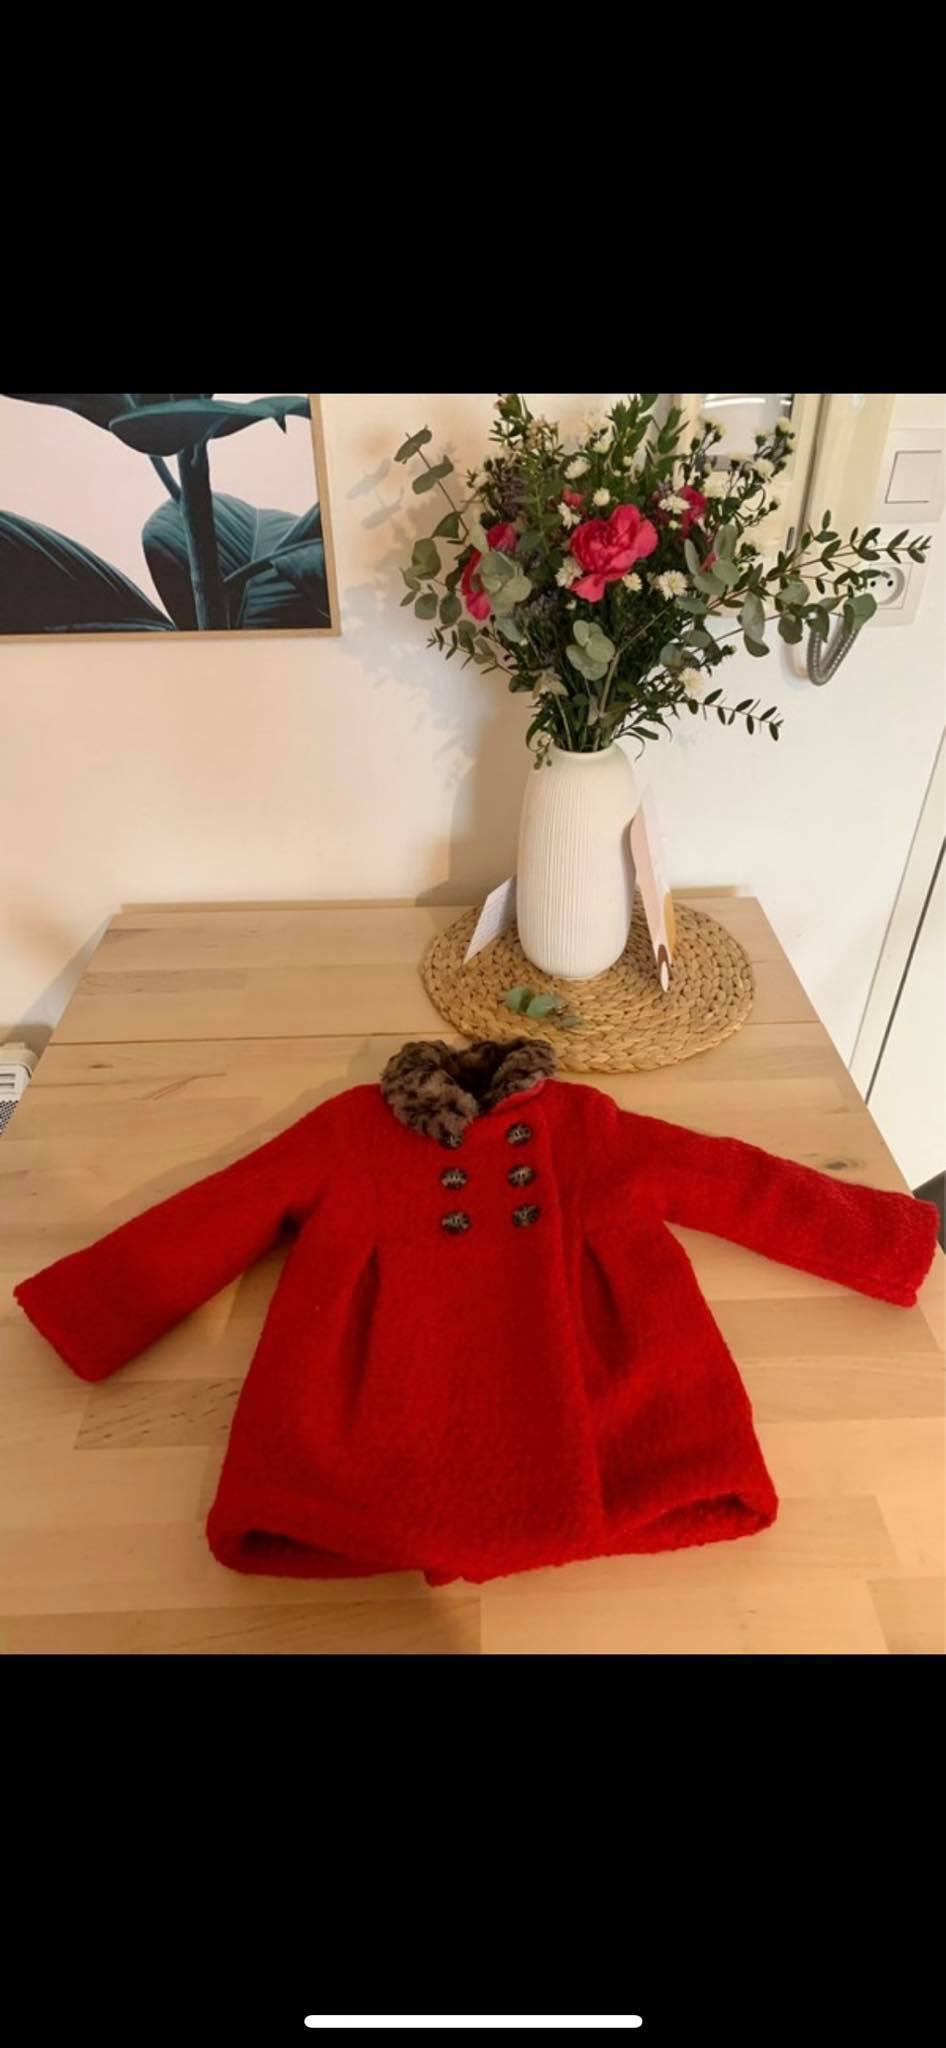 troc de troc manteau rouge catimini , 12 mois image 2